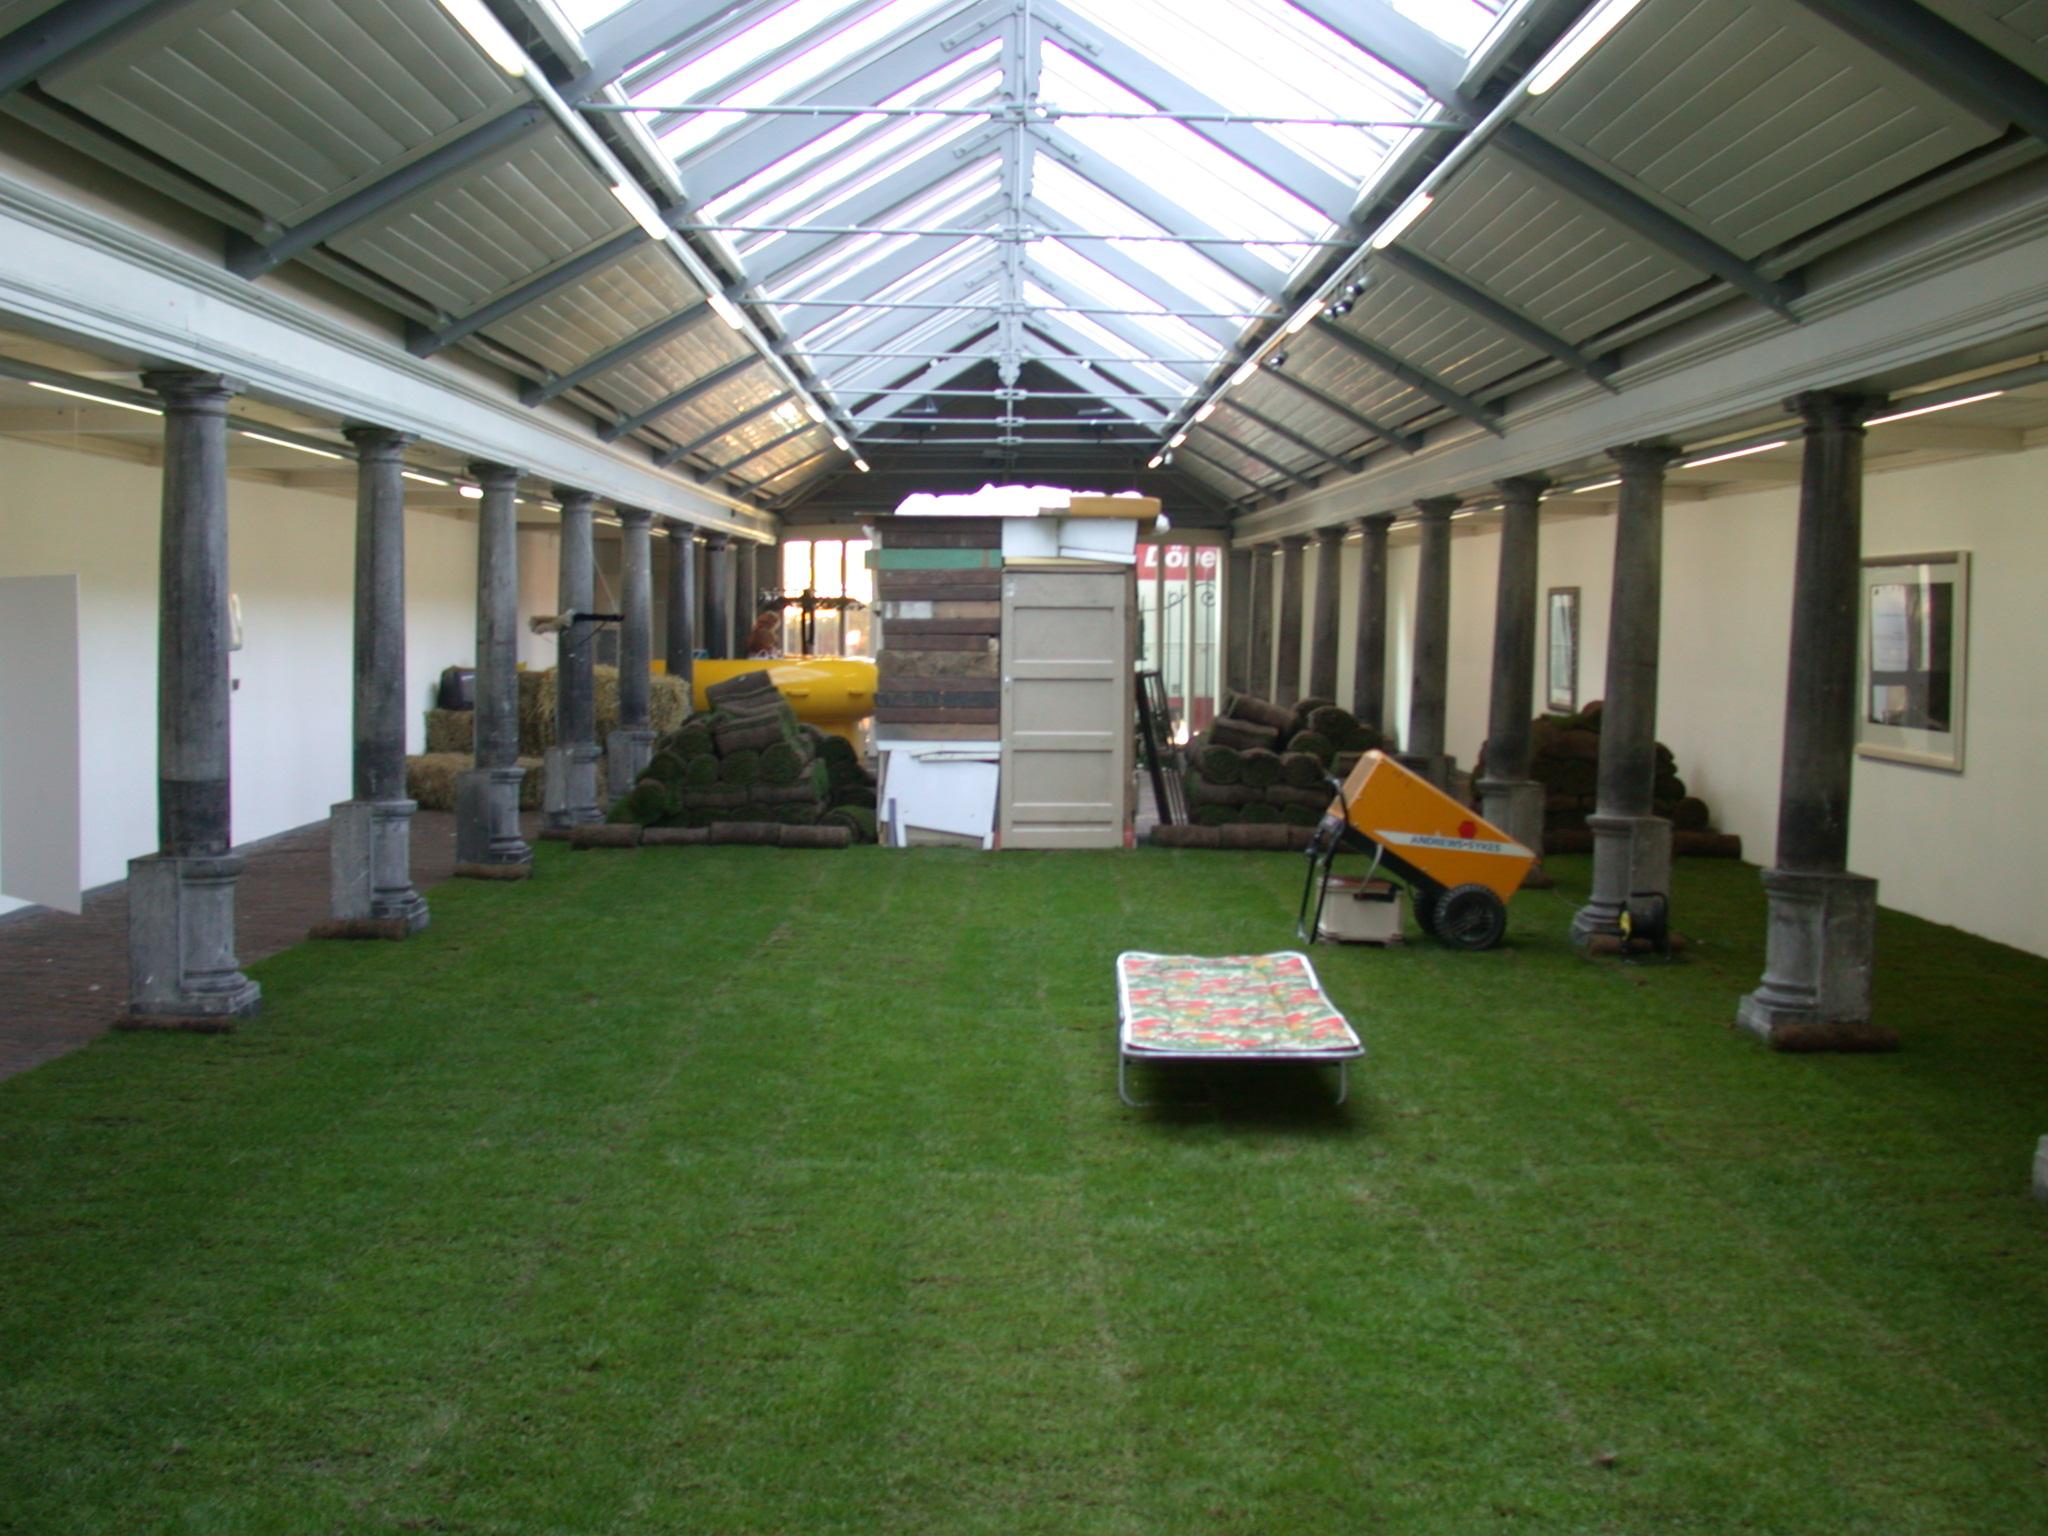 indoor grass field rolls of grass pillars